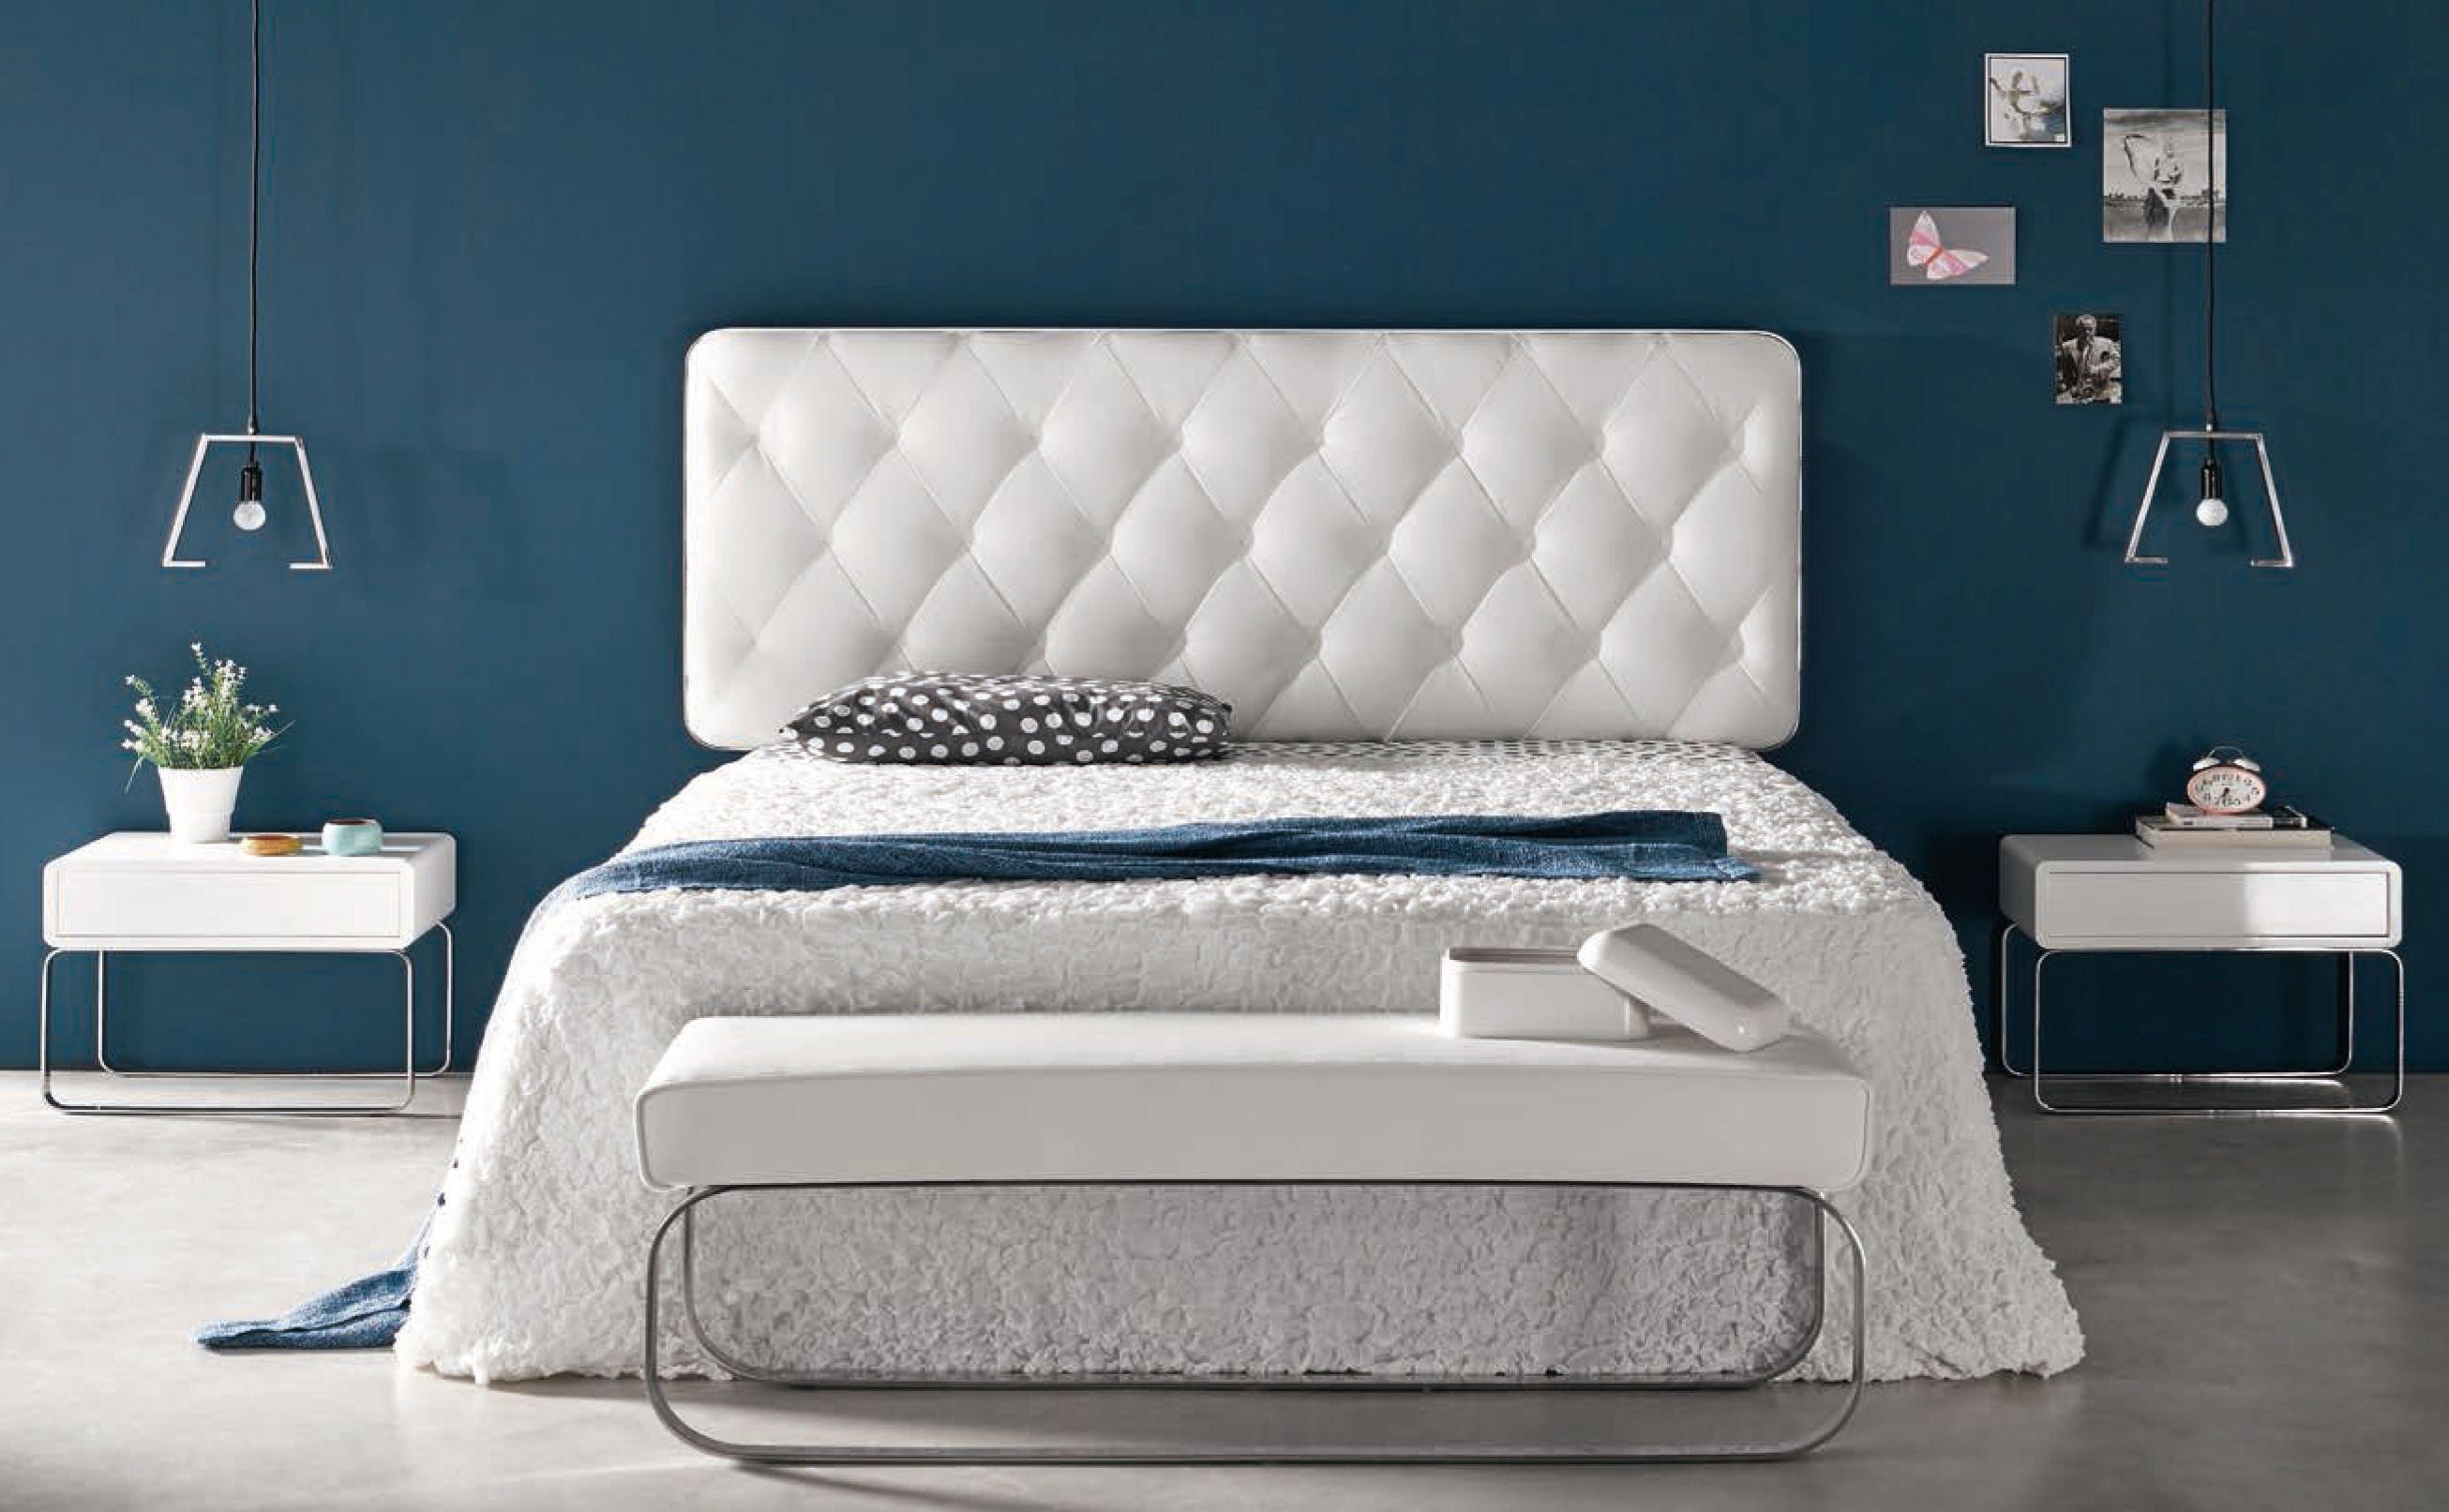 Dormitorio de estilo moderno compuesto de cabezal 160 cm. tapizado ...